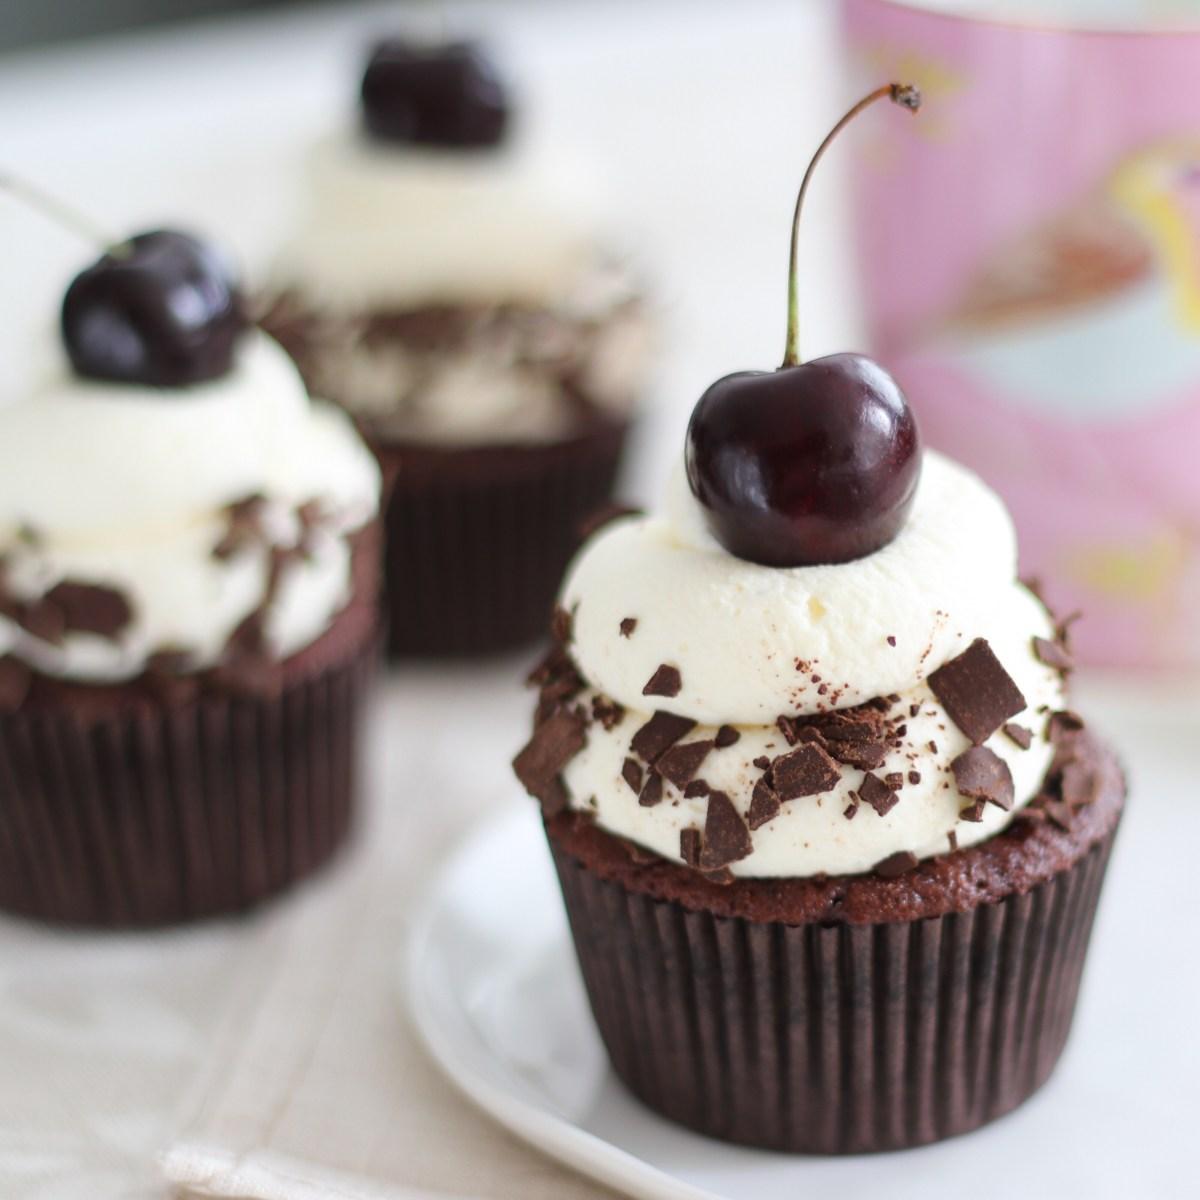 Schwarzwalder cupcakes